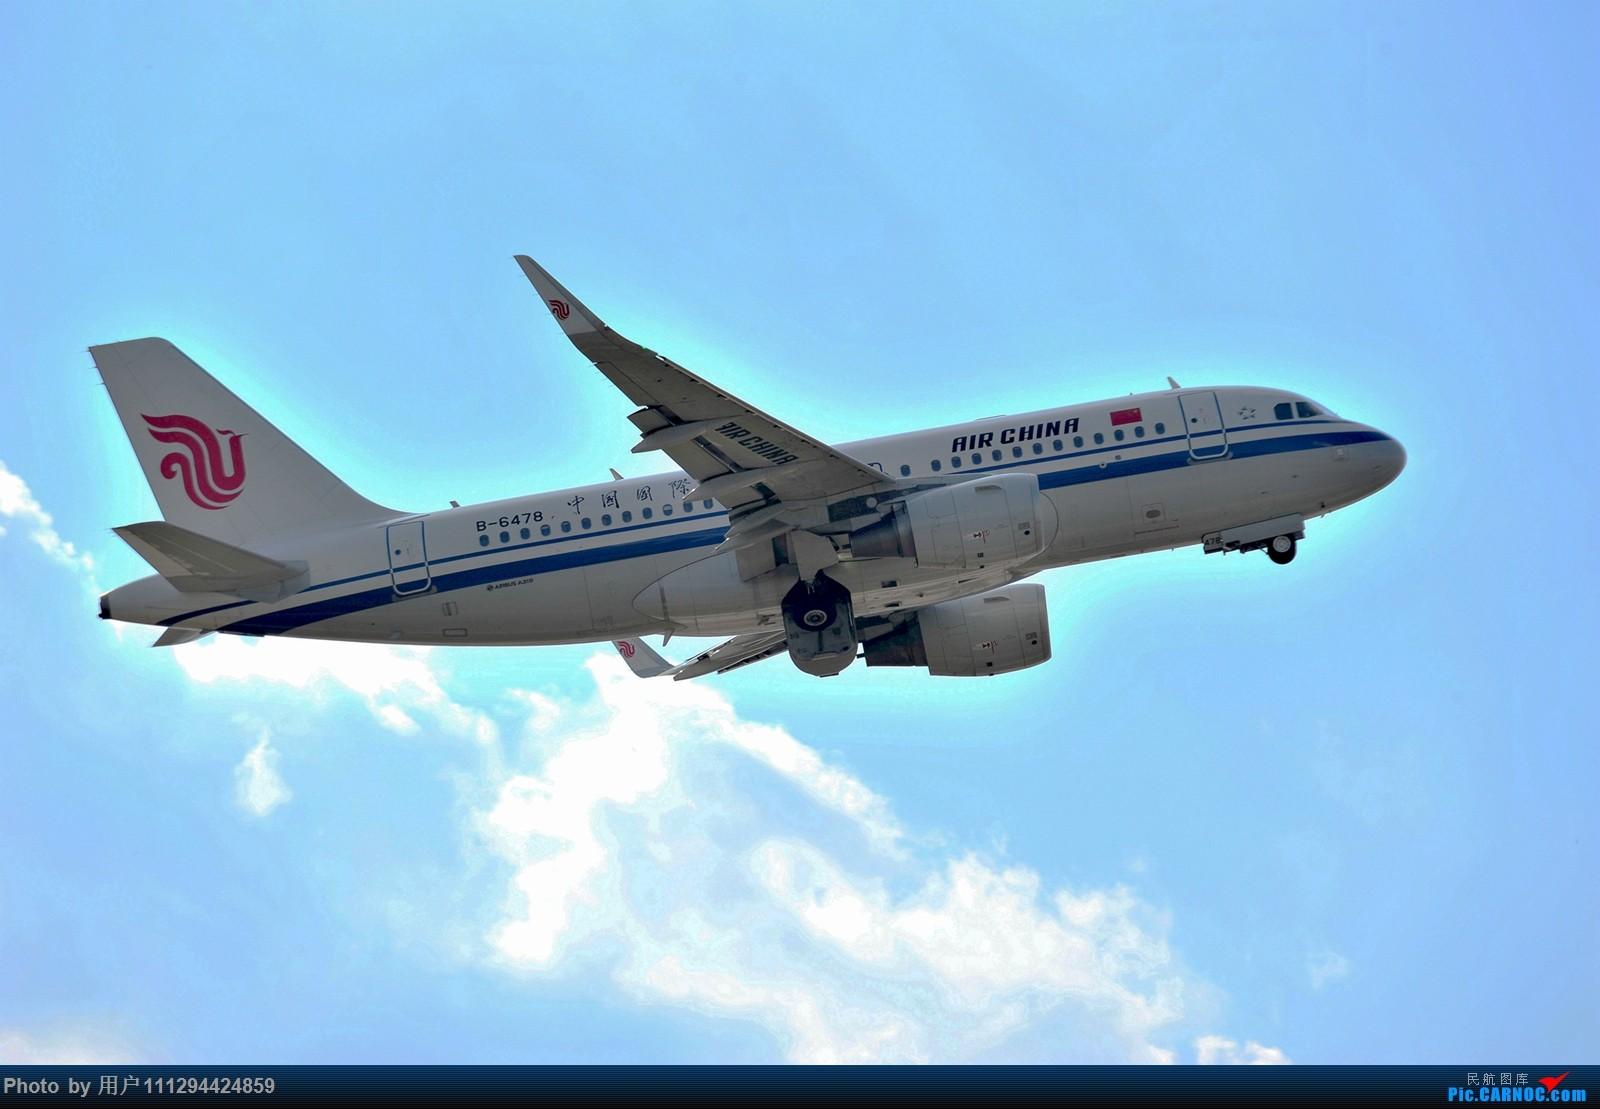 Re:[原创]难得长水刮北风 AIRBUS A319-100 B-6478 中国昆明长水国际机场